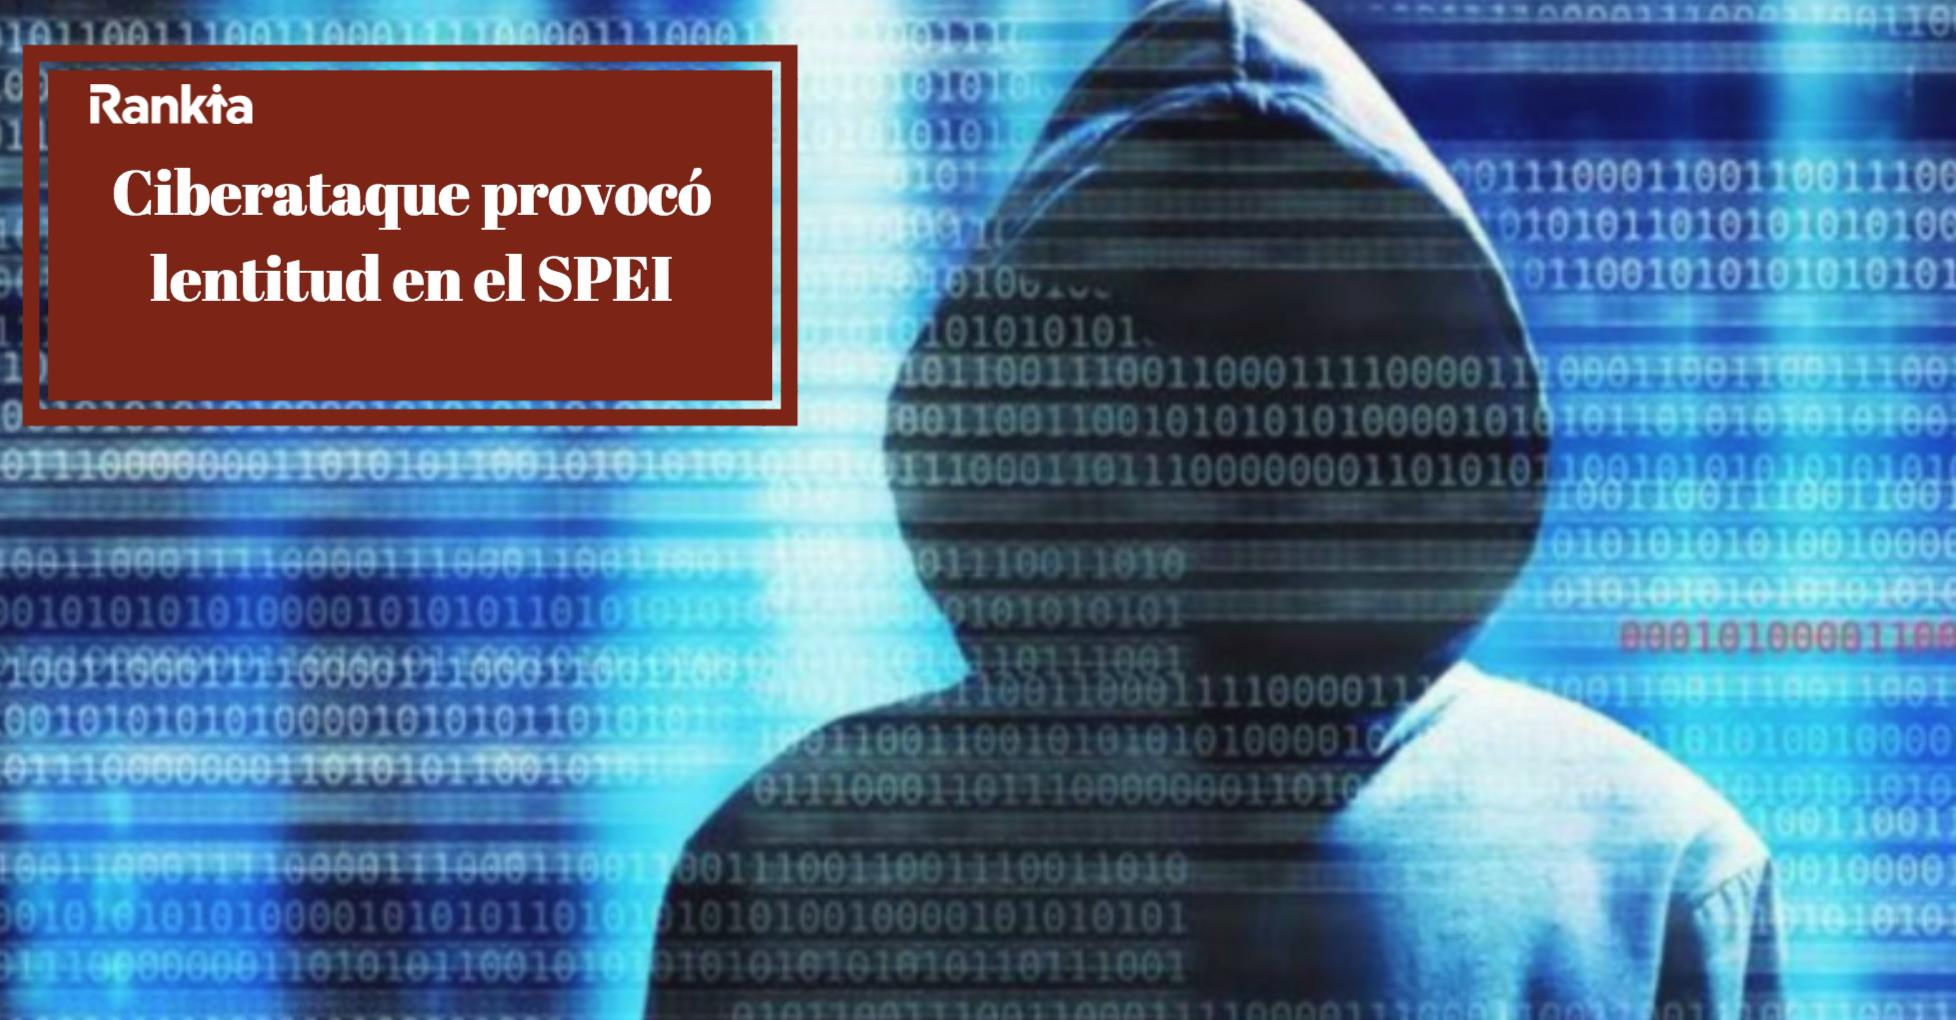 Ciberataque SPEI